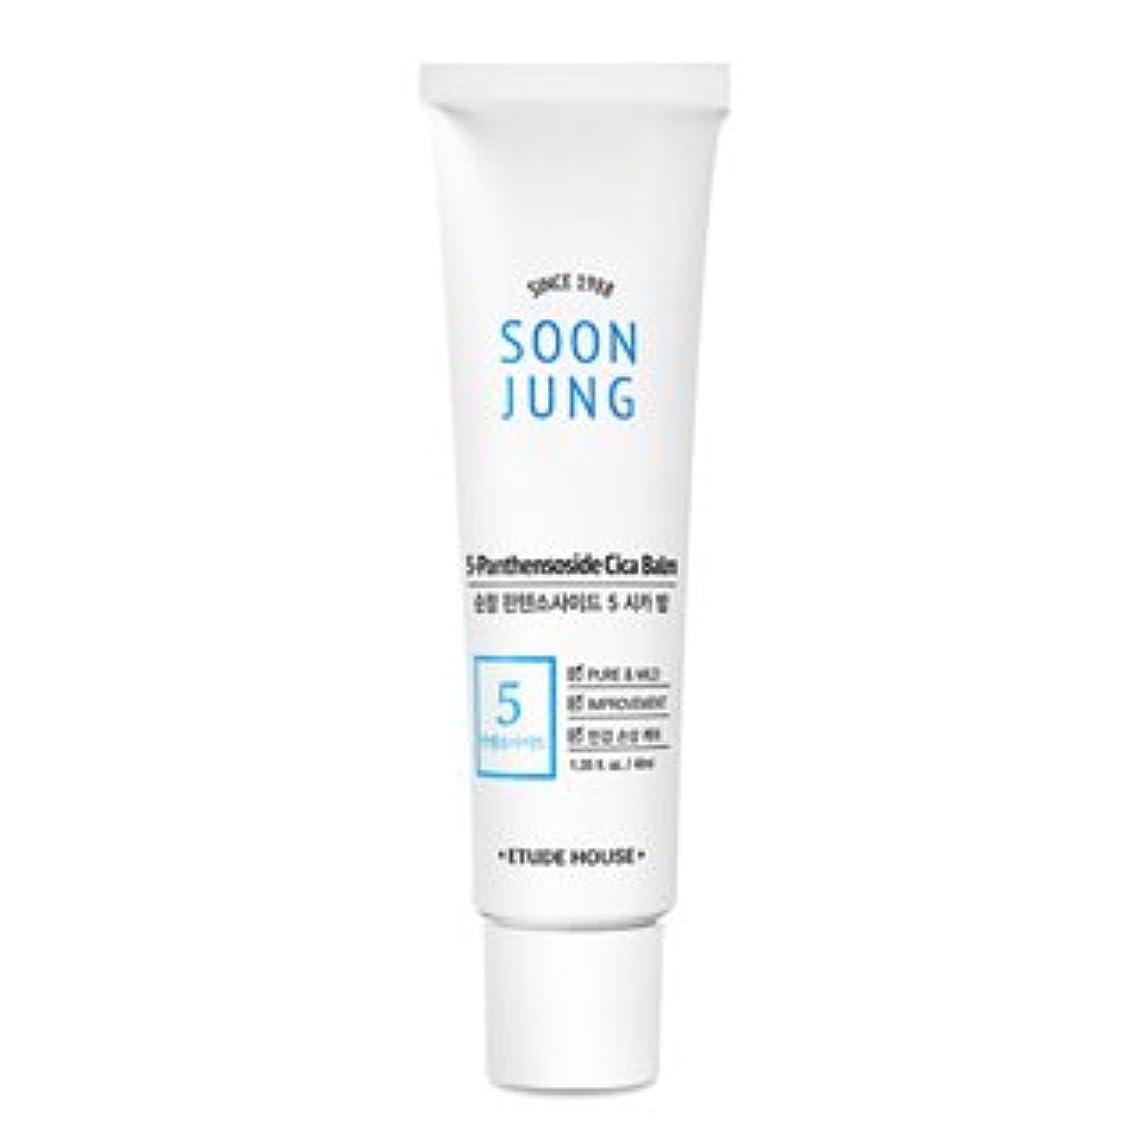 ドレスポジションラウズ[New] ETUDE HOUSE Soon Jung 5-Panthensoside Cica Balm/エチュードハウス スンジョン 5-パンテンソシド シカ バーム (40ml) [並行輸入品]